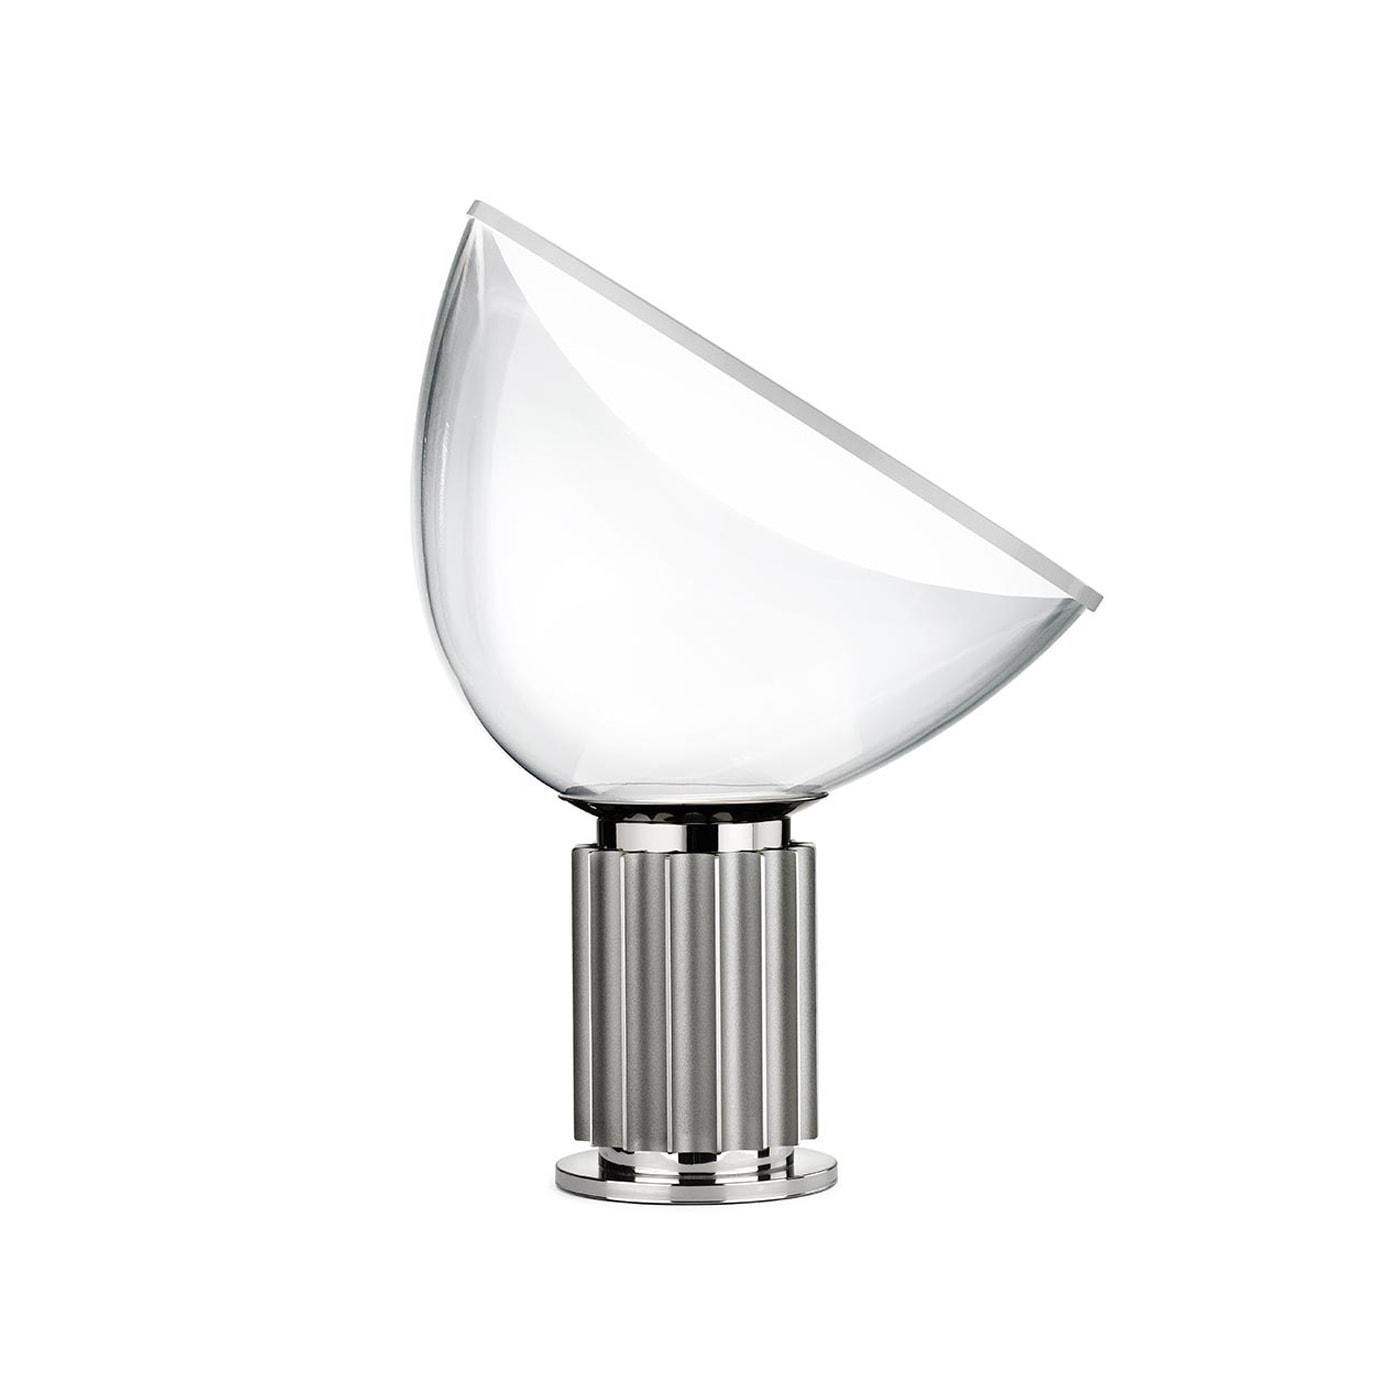 Flos Taccia lampada da tavolo shop-online